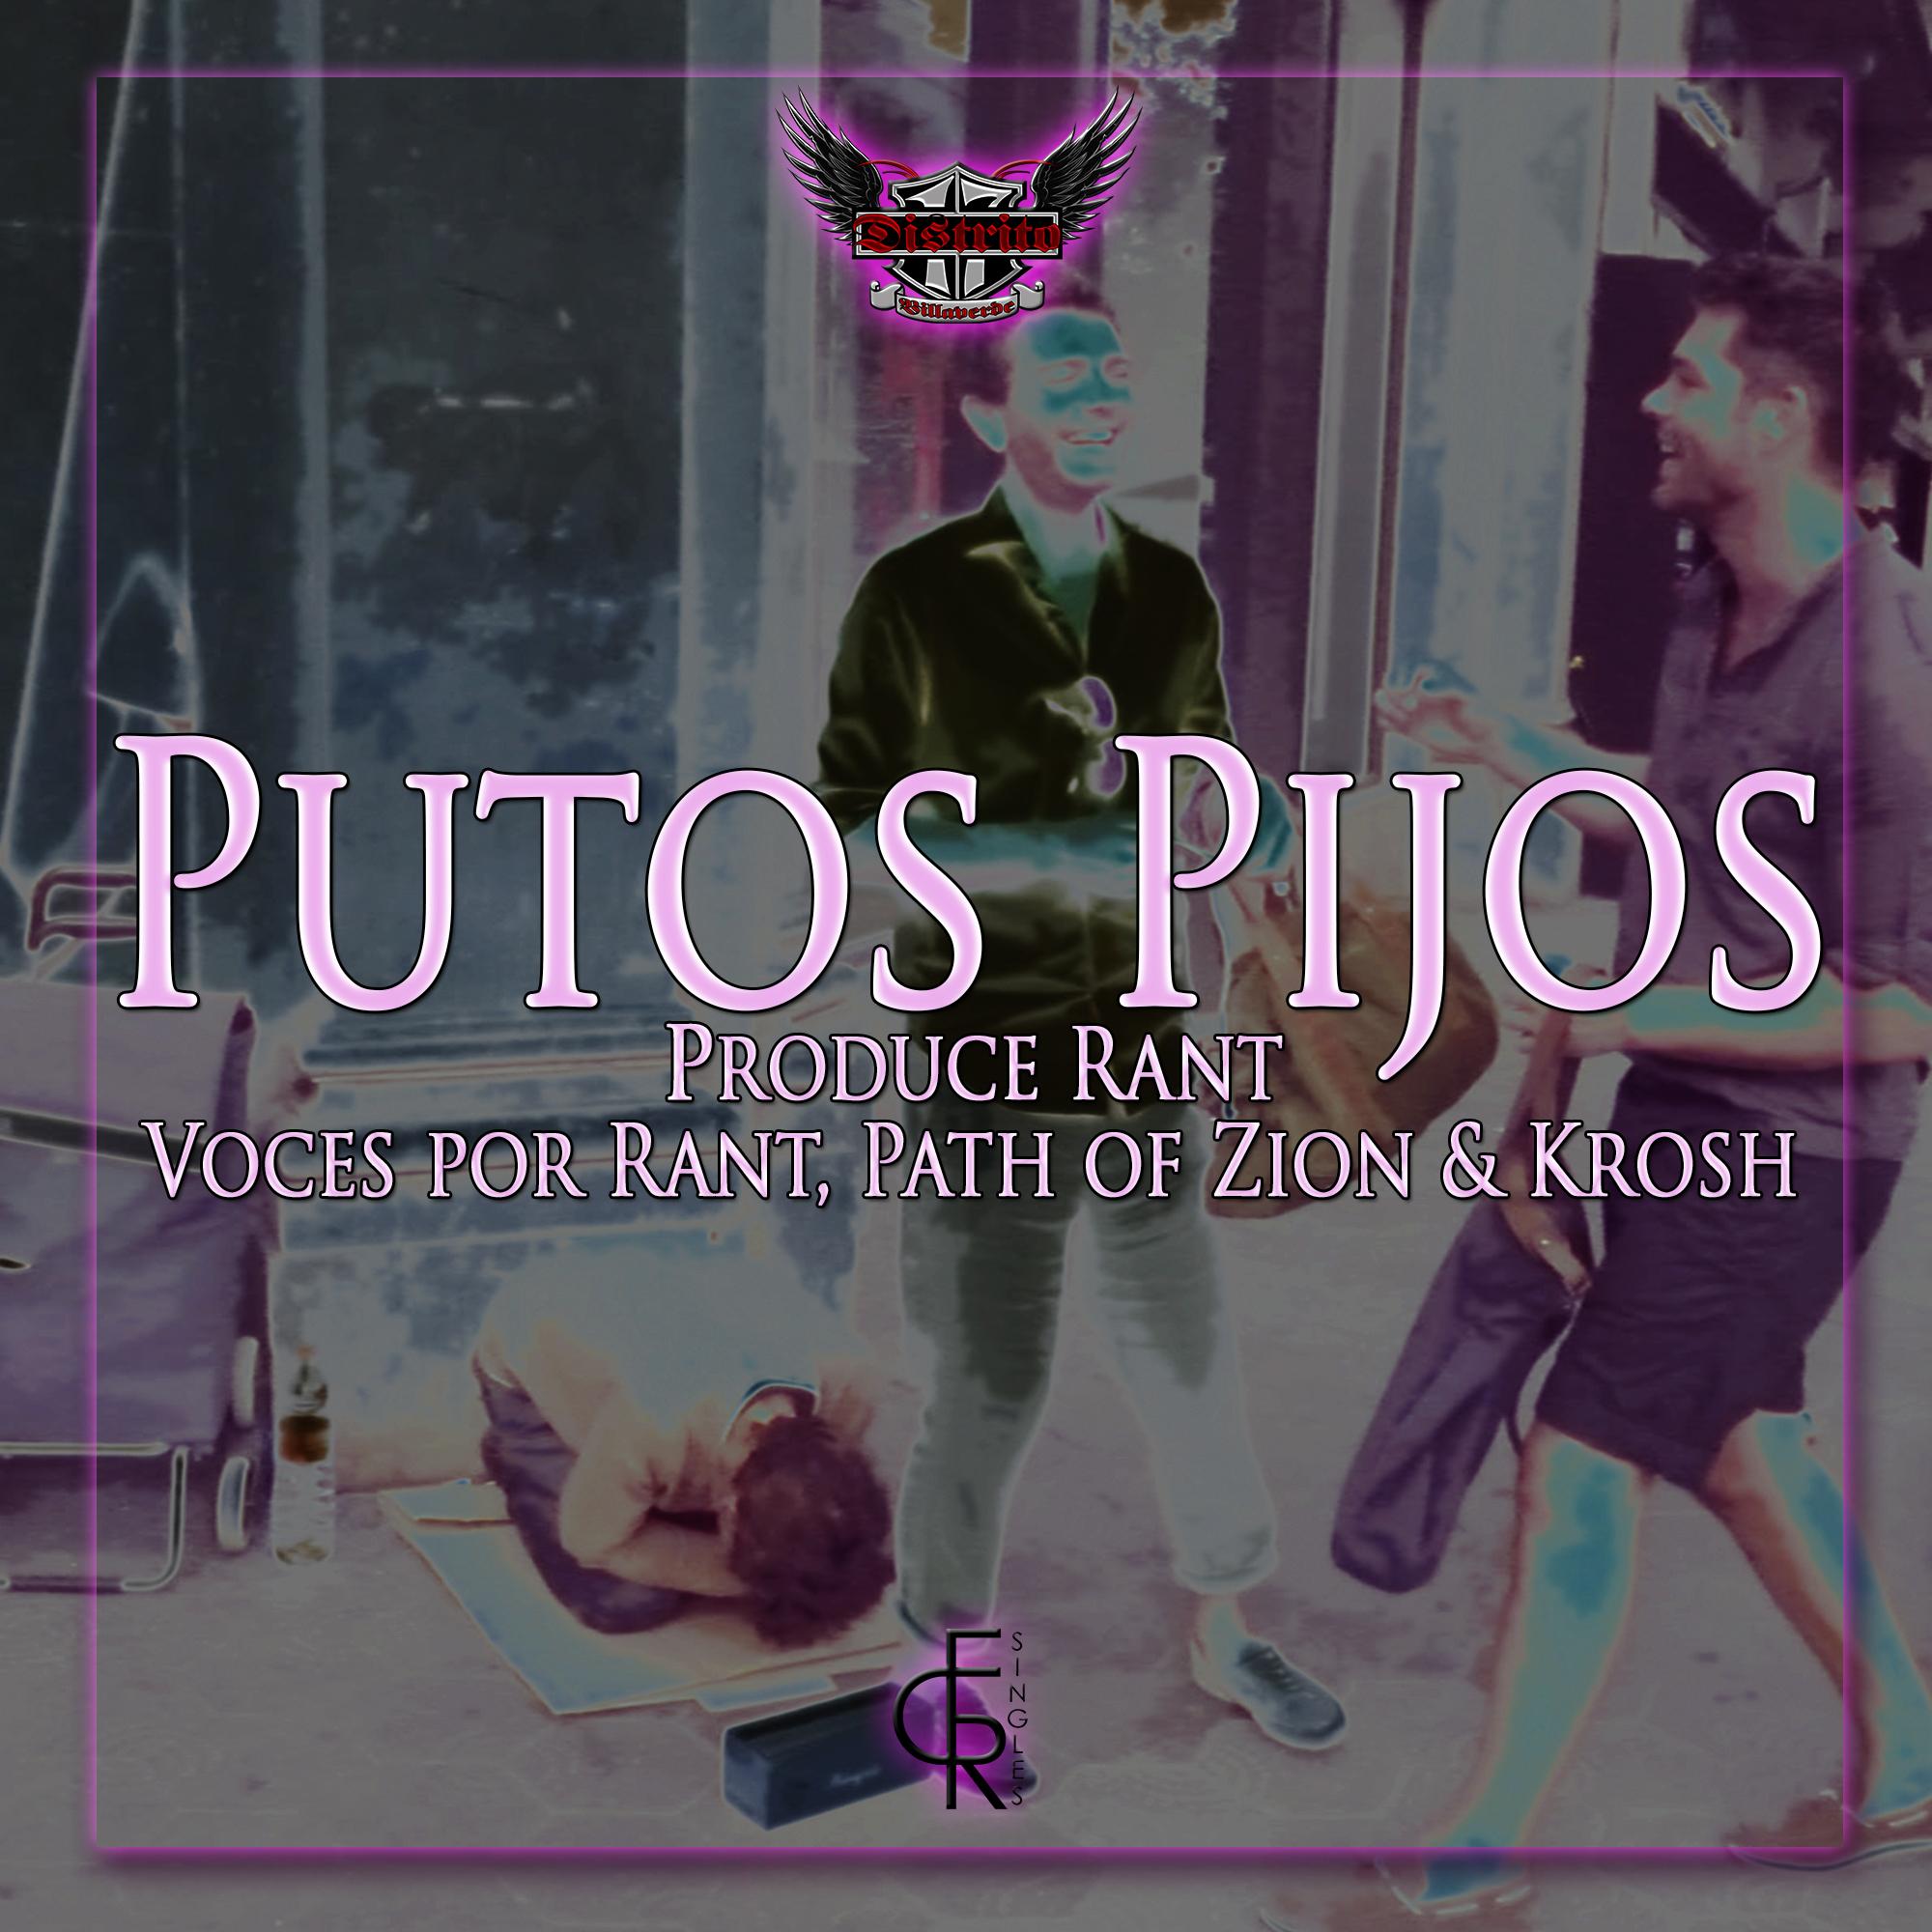 Putos Pijos - ECR Singles #003